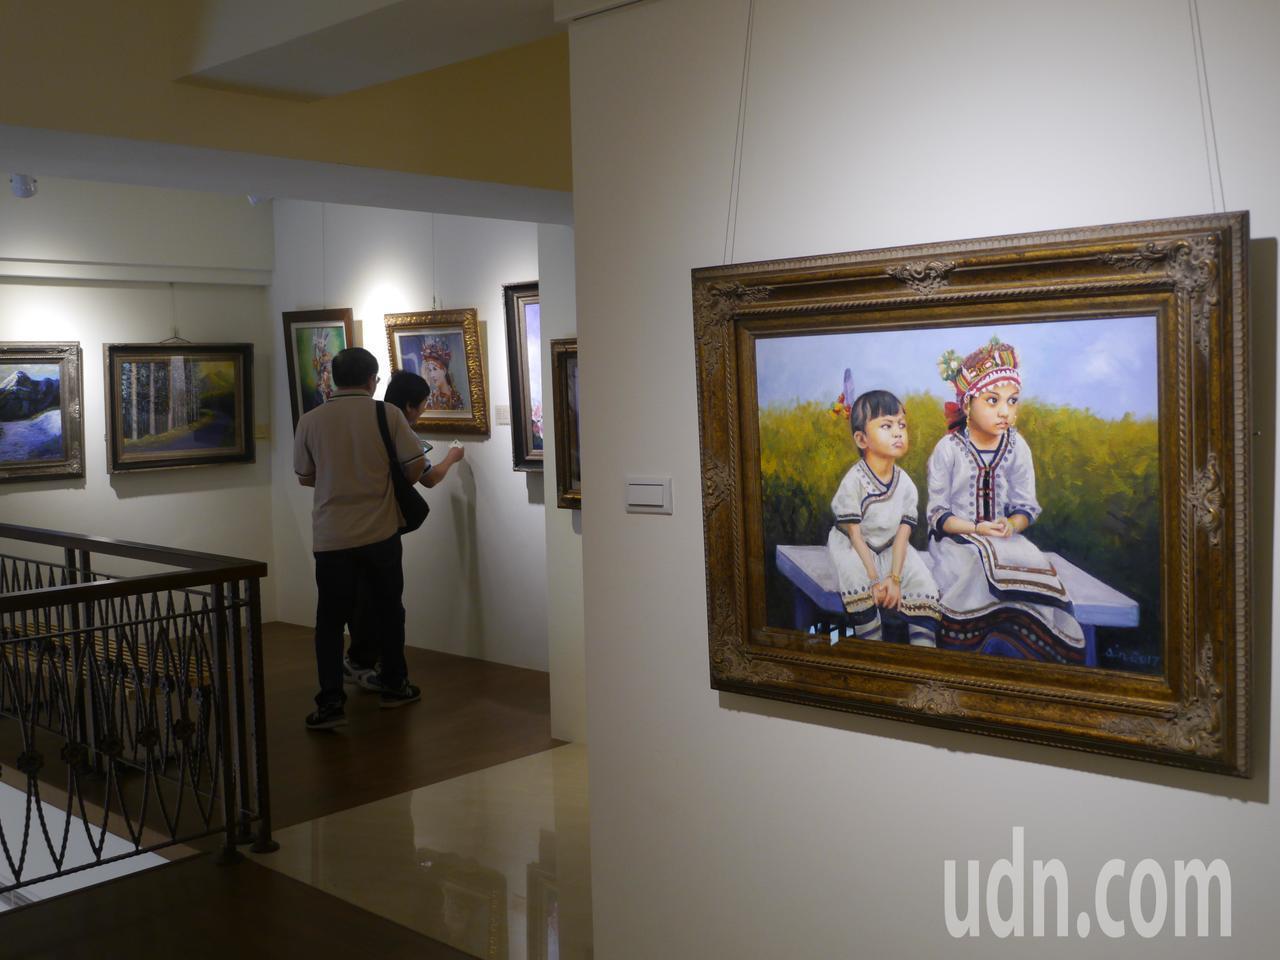 竹梅源藝文空間展示30幅畫作,原住民人像畫約占9成。記者徐白櫻/攝影